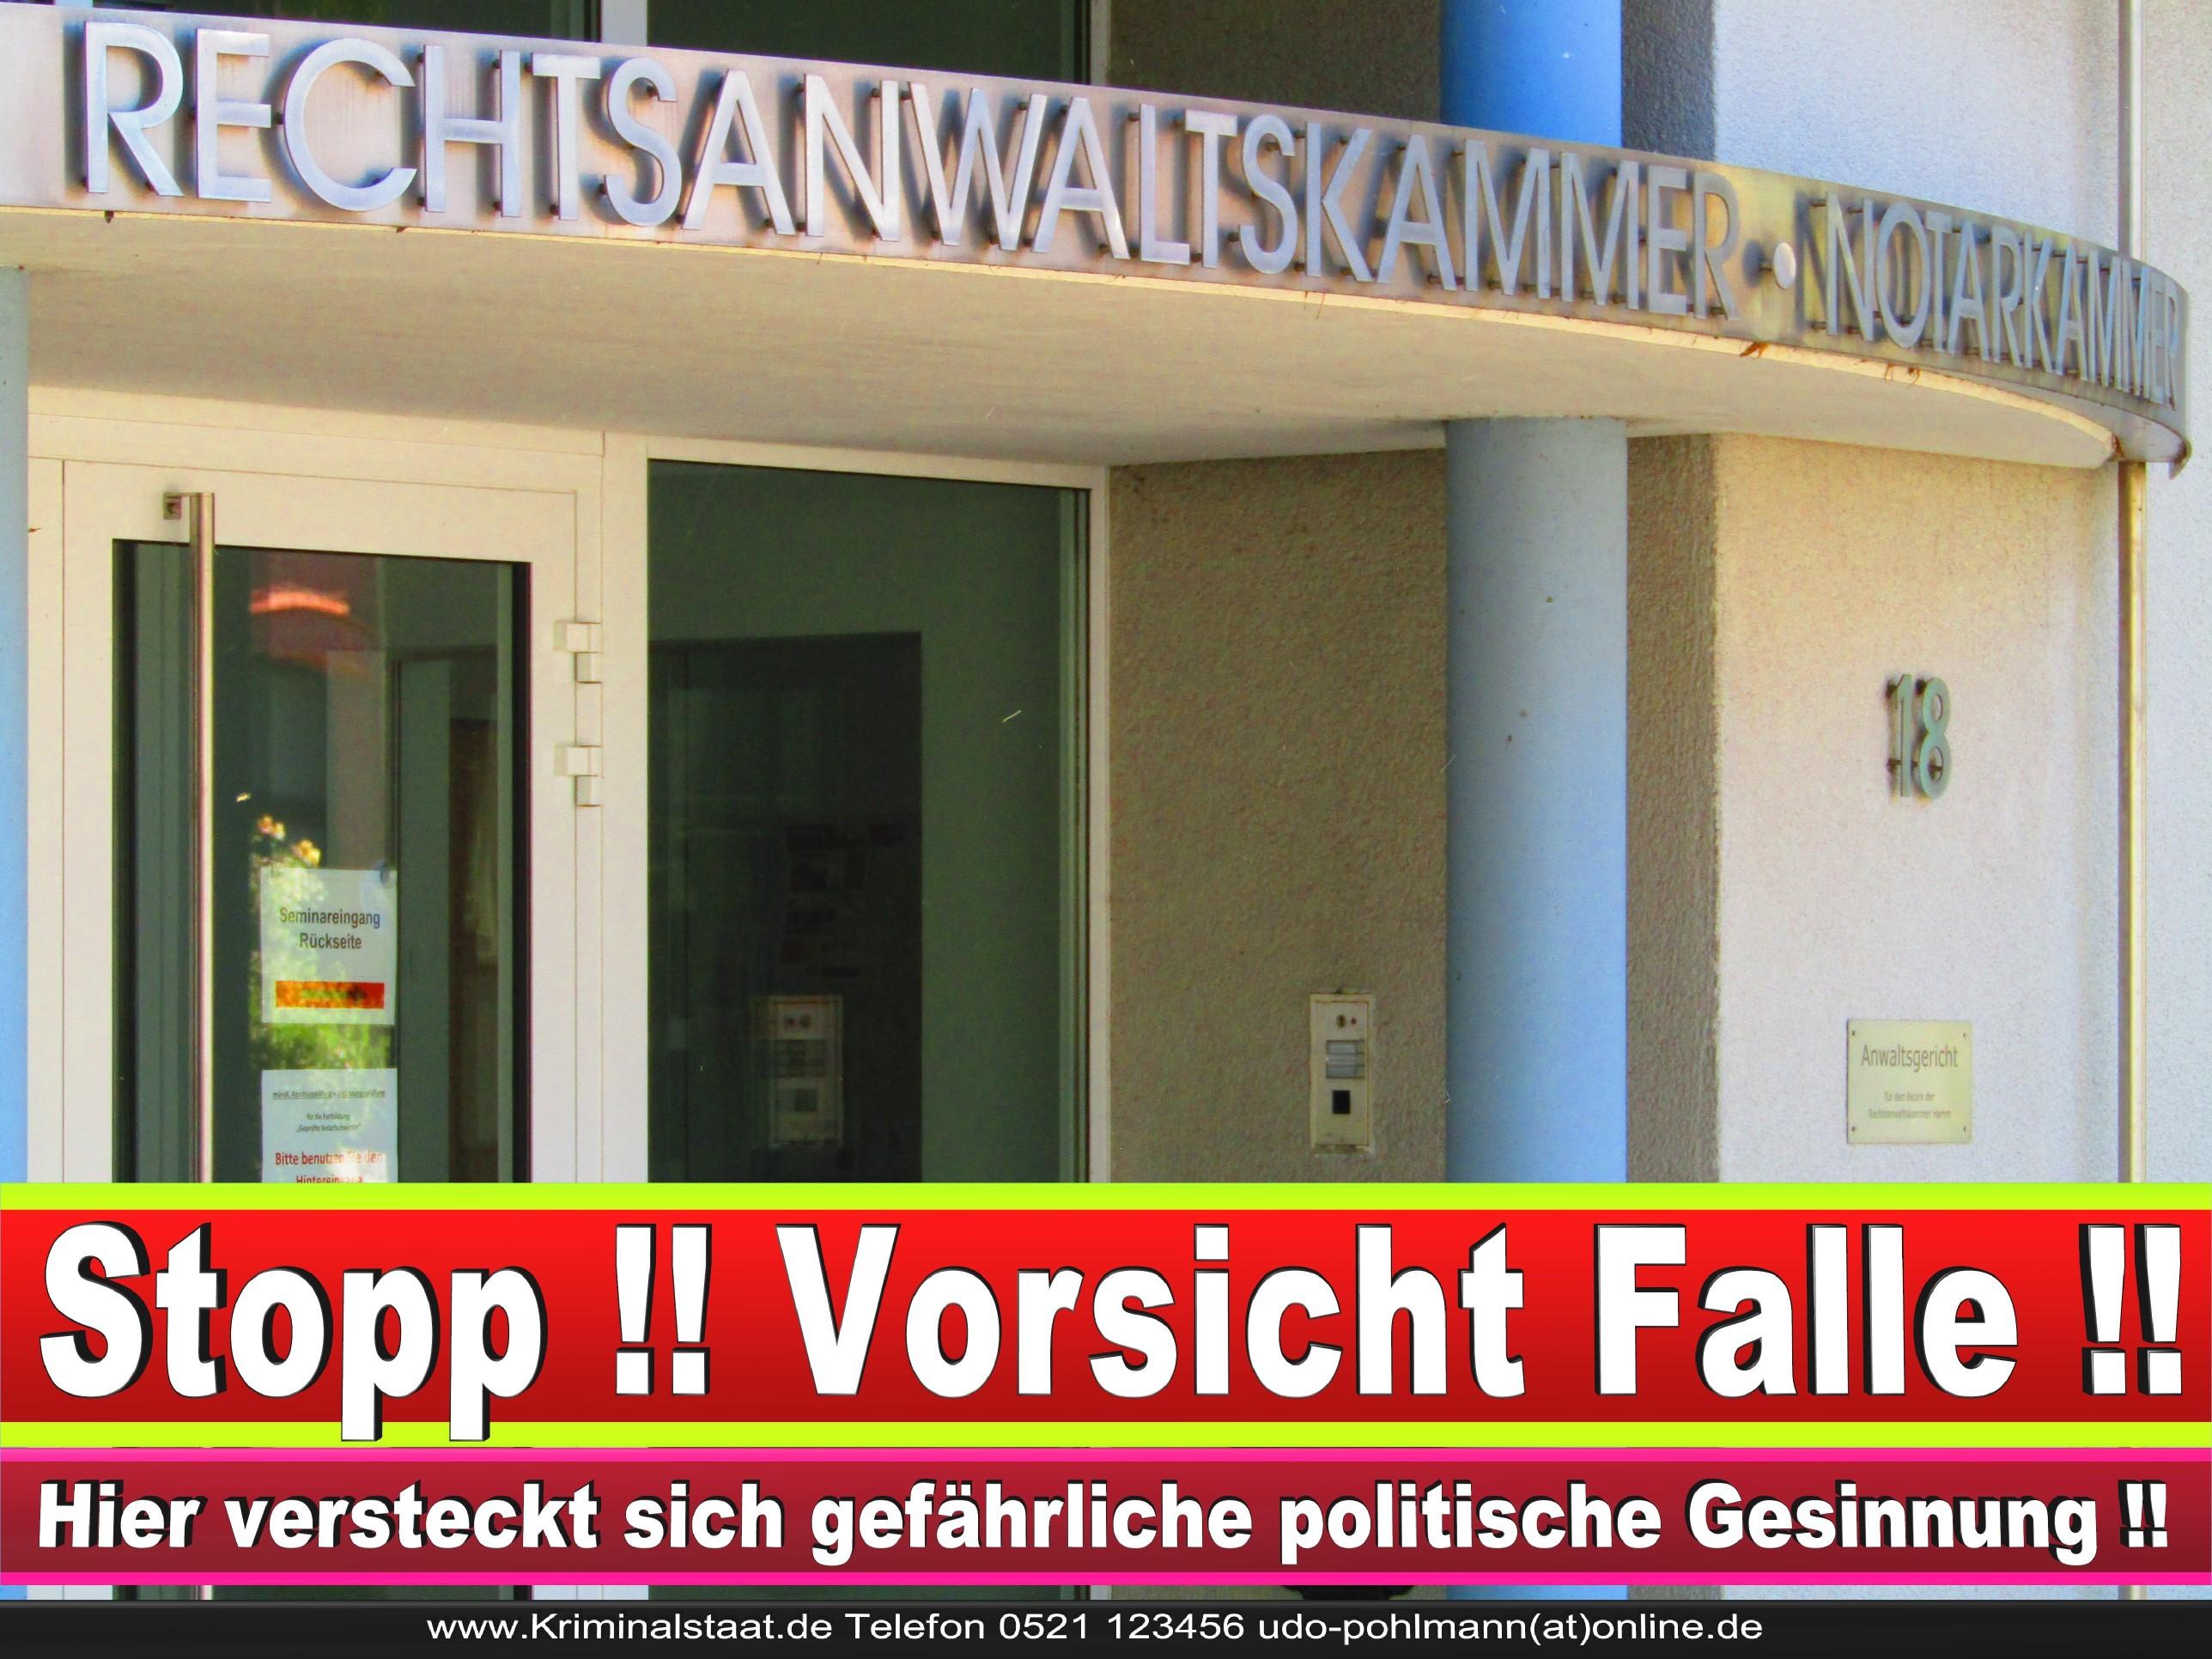 Rechtsanwaltskammer Hamm NRW Justizminister Rechtsanwalt Notar Vermögensverfall Urteil Rechtsprechung CDU SPD FDP Berufsordnung Rechtsanwälte Rechtsprechung (20)